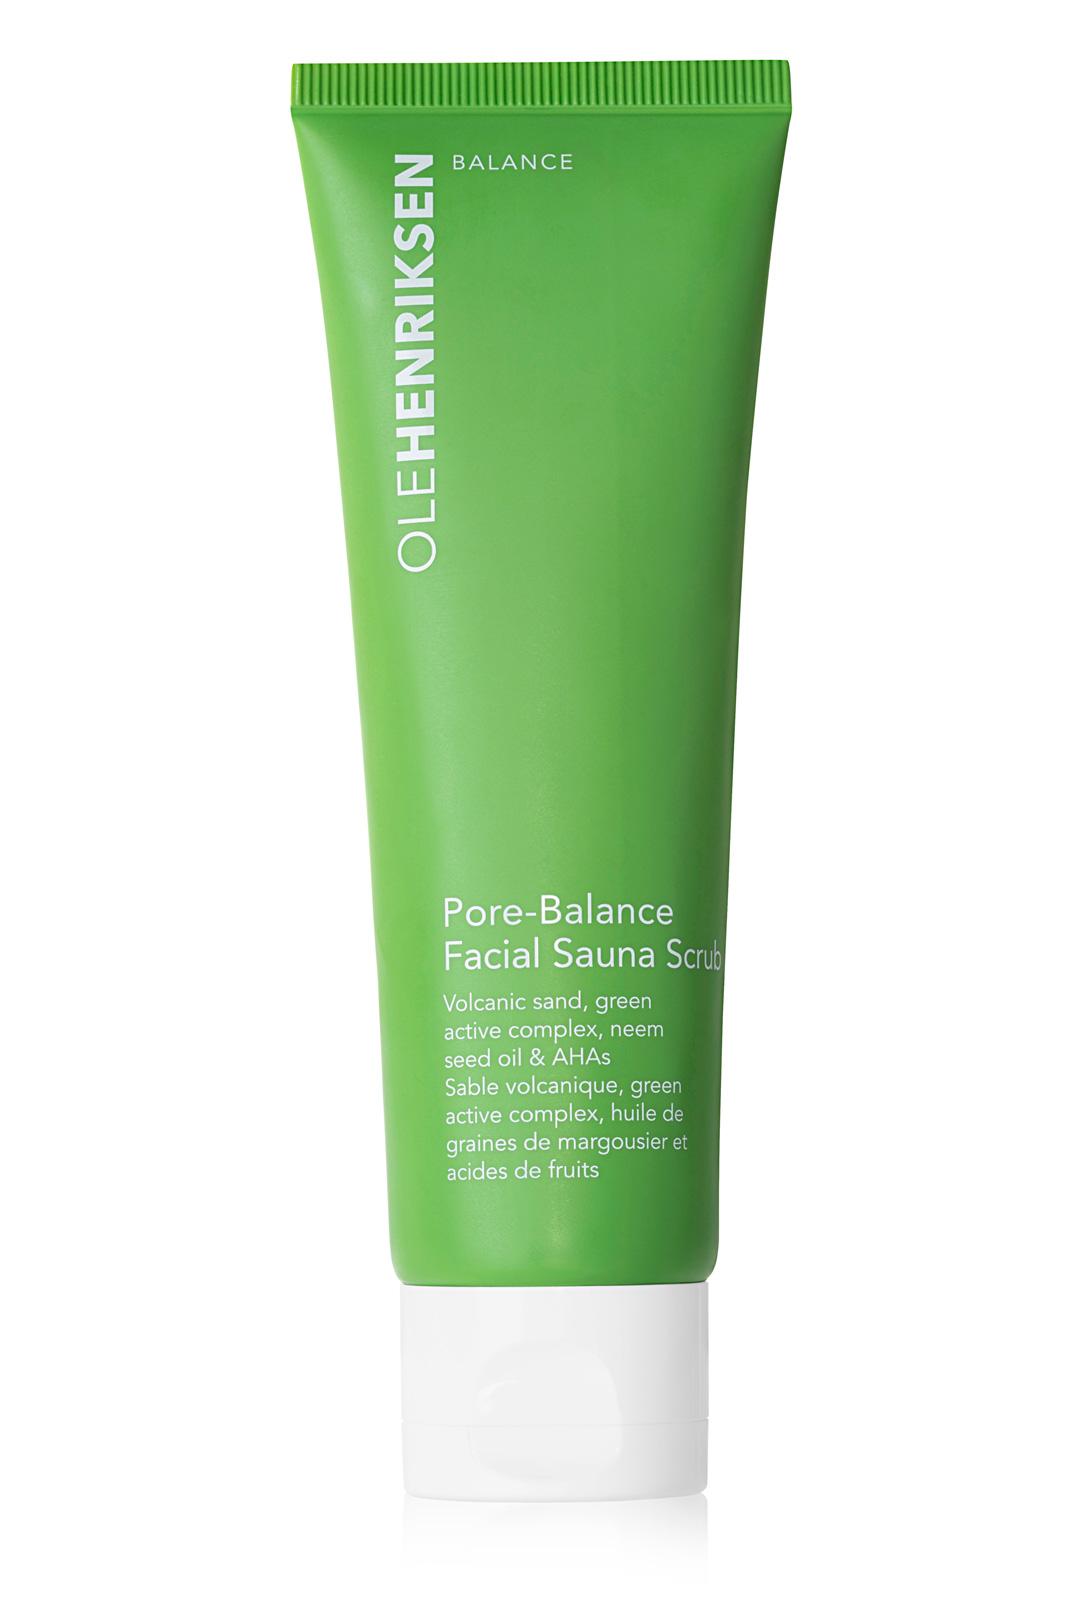 Ole Henriksen Pore-Balance Facial Sauna Scrub, 36 €/89 ml.